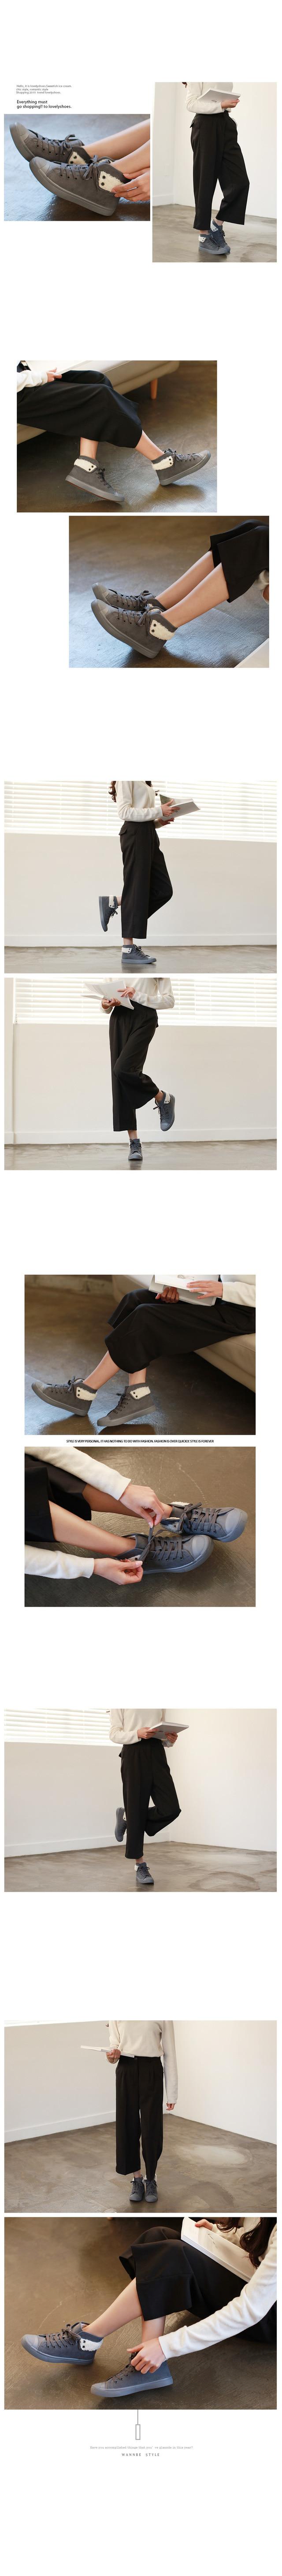 Jettie High Top Sneakers 2cm